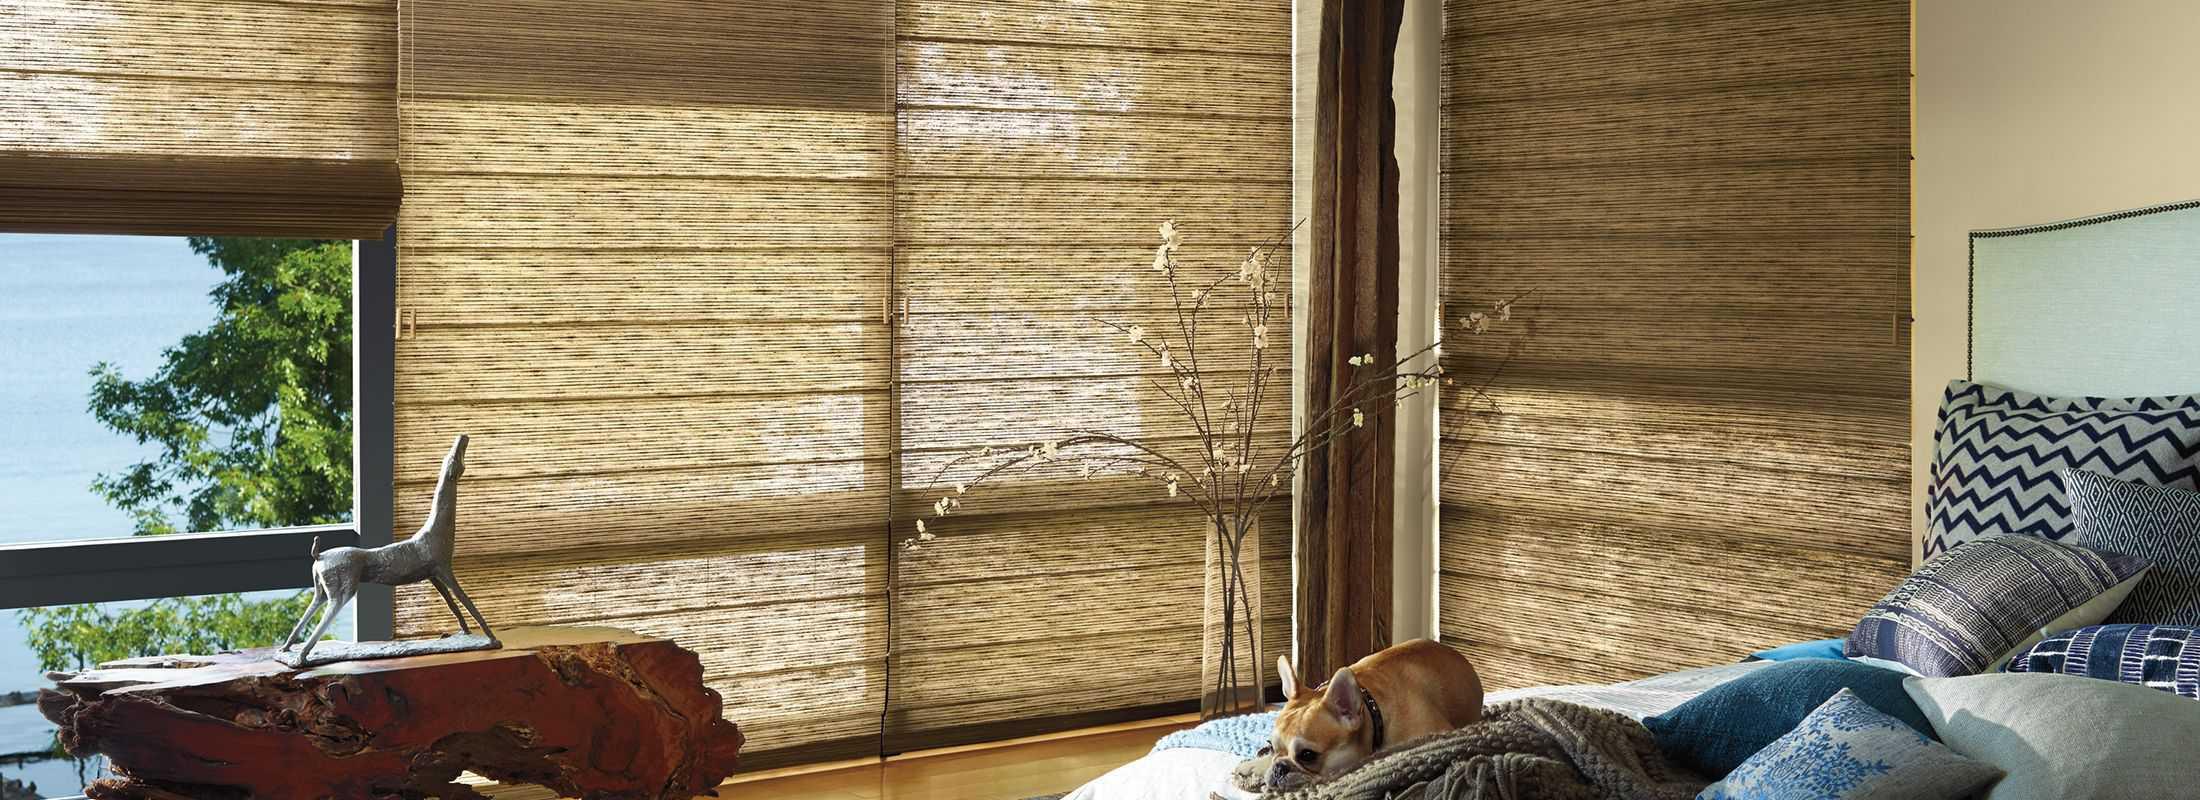 woven-textures-alustra-woven-textures-carousel-03_0